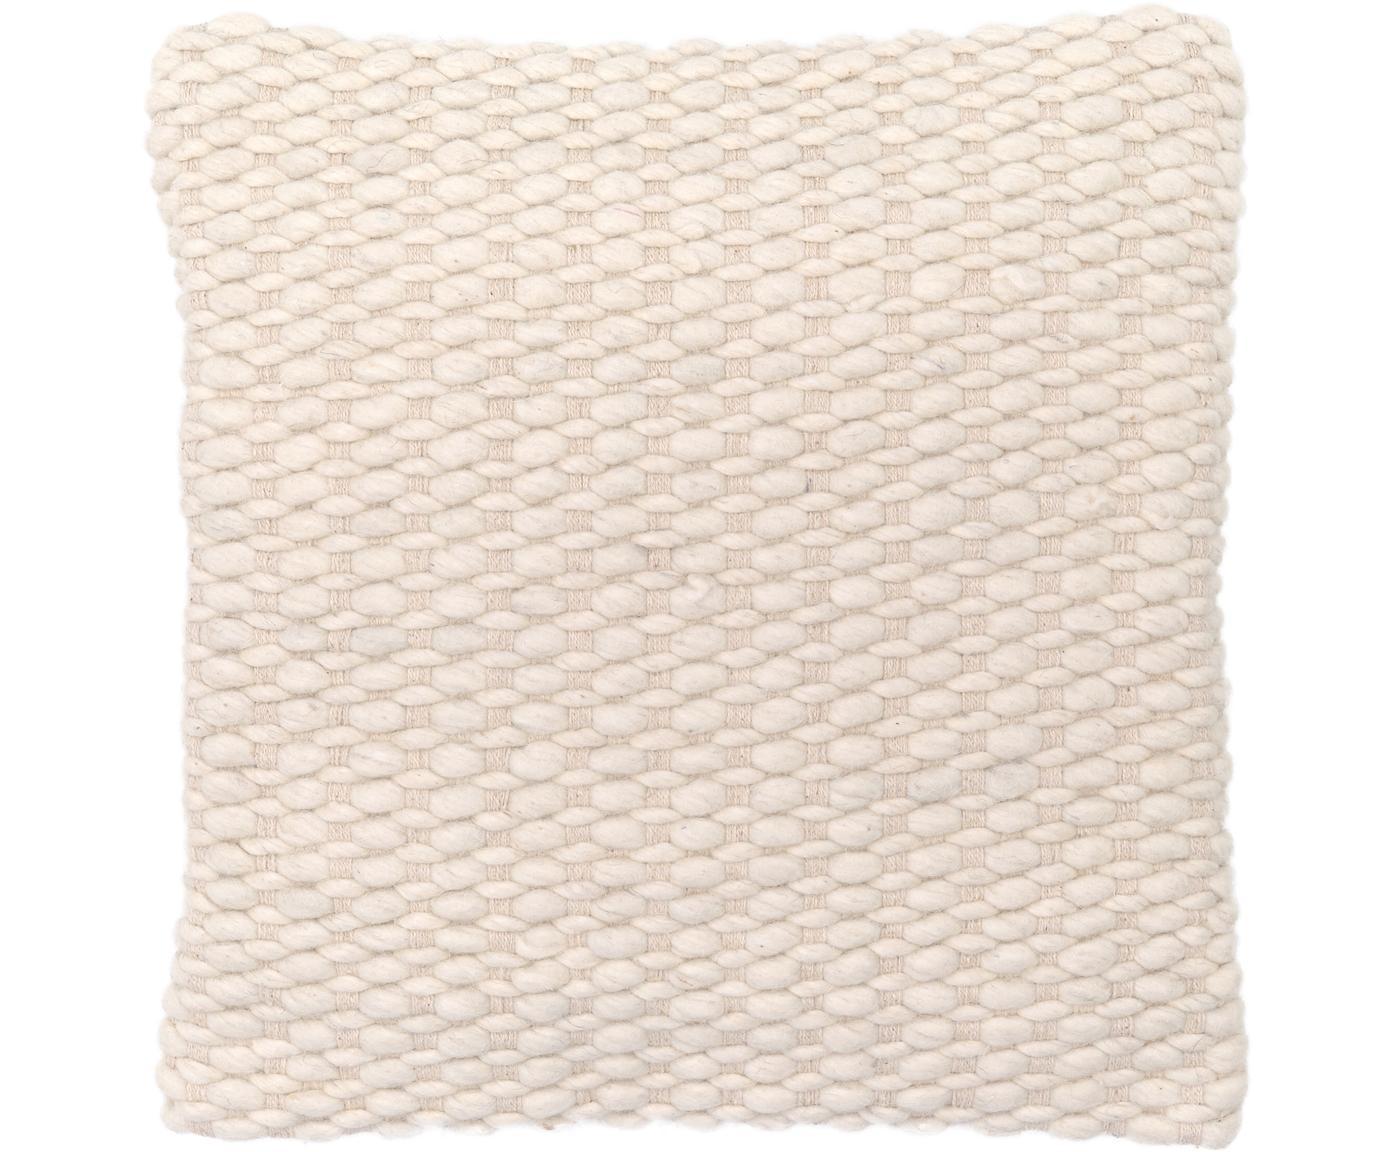 Federa arredo strutturata Patricia, 50% lana, 50% cotone, Bianco crema, Larg. 45 x Lung. 45 cm